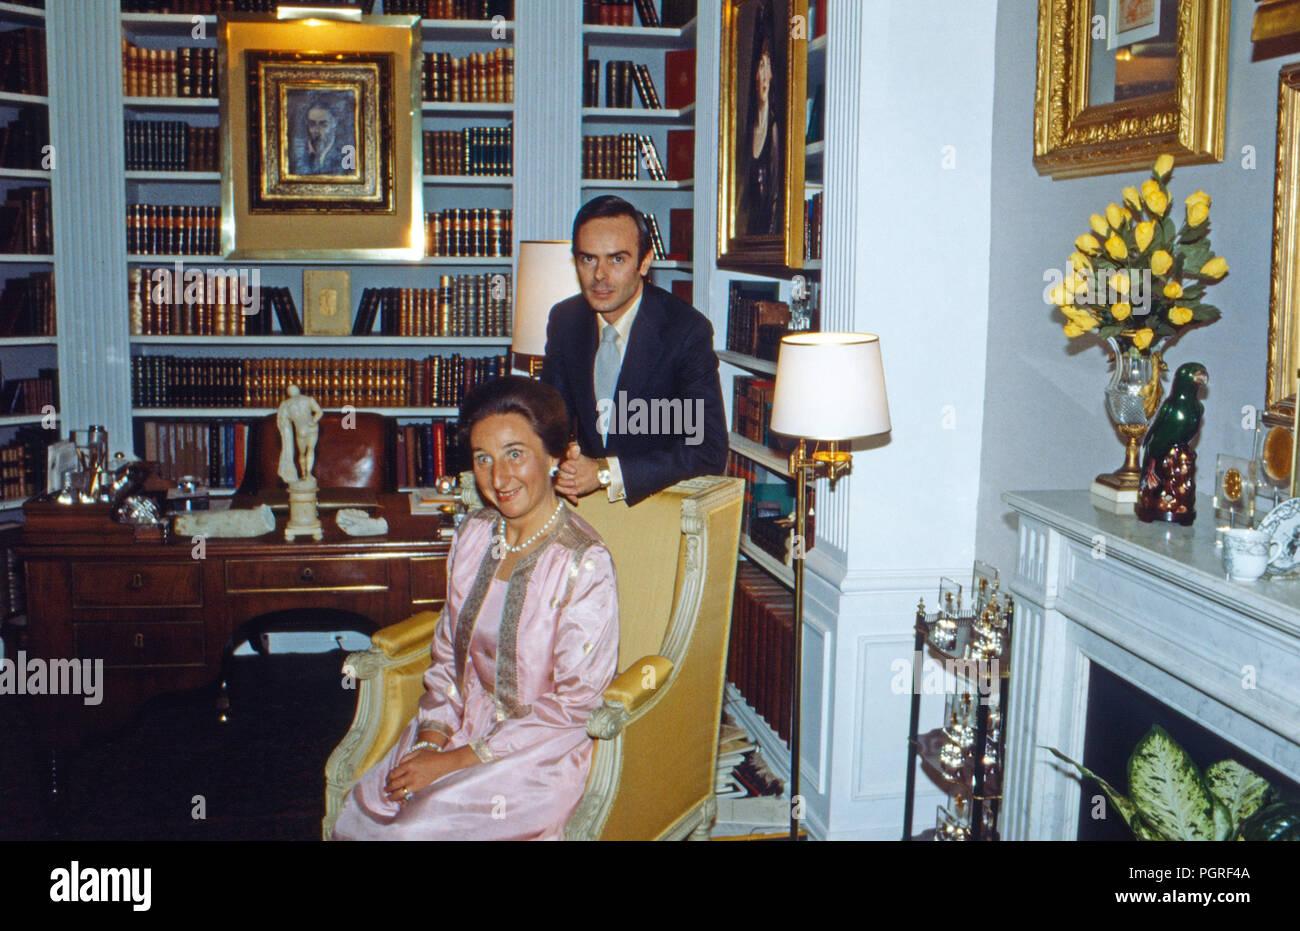 Margarita de Borbon mit Ehemann Don Carlos Zurita y Delgado in Madrid, Spanien 1978. Margarita de Borbon with husband Don Carlos Zurita y Delgado at Madrid, Spain 1978. - Stock Image